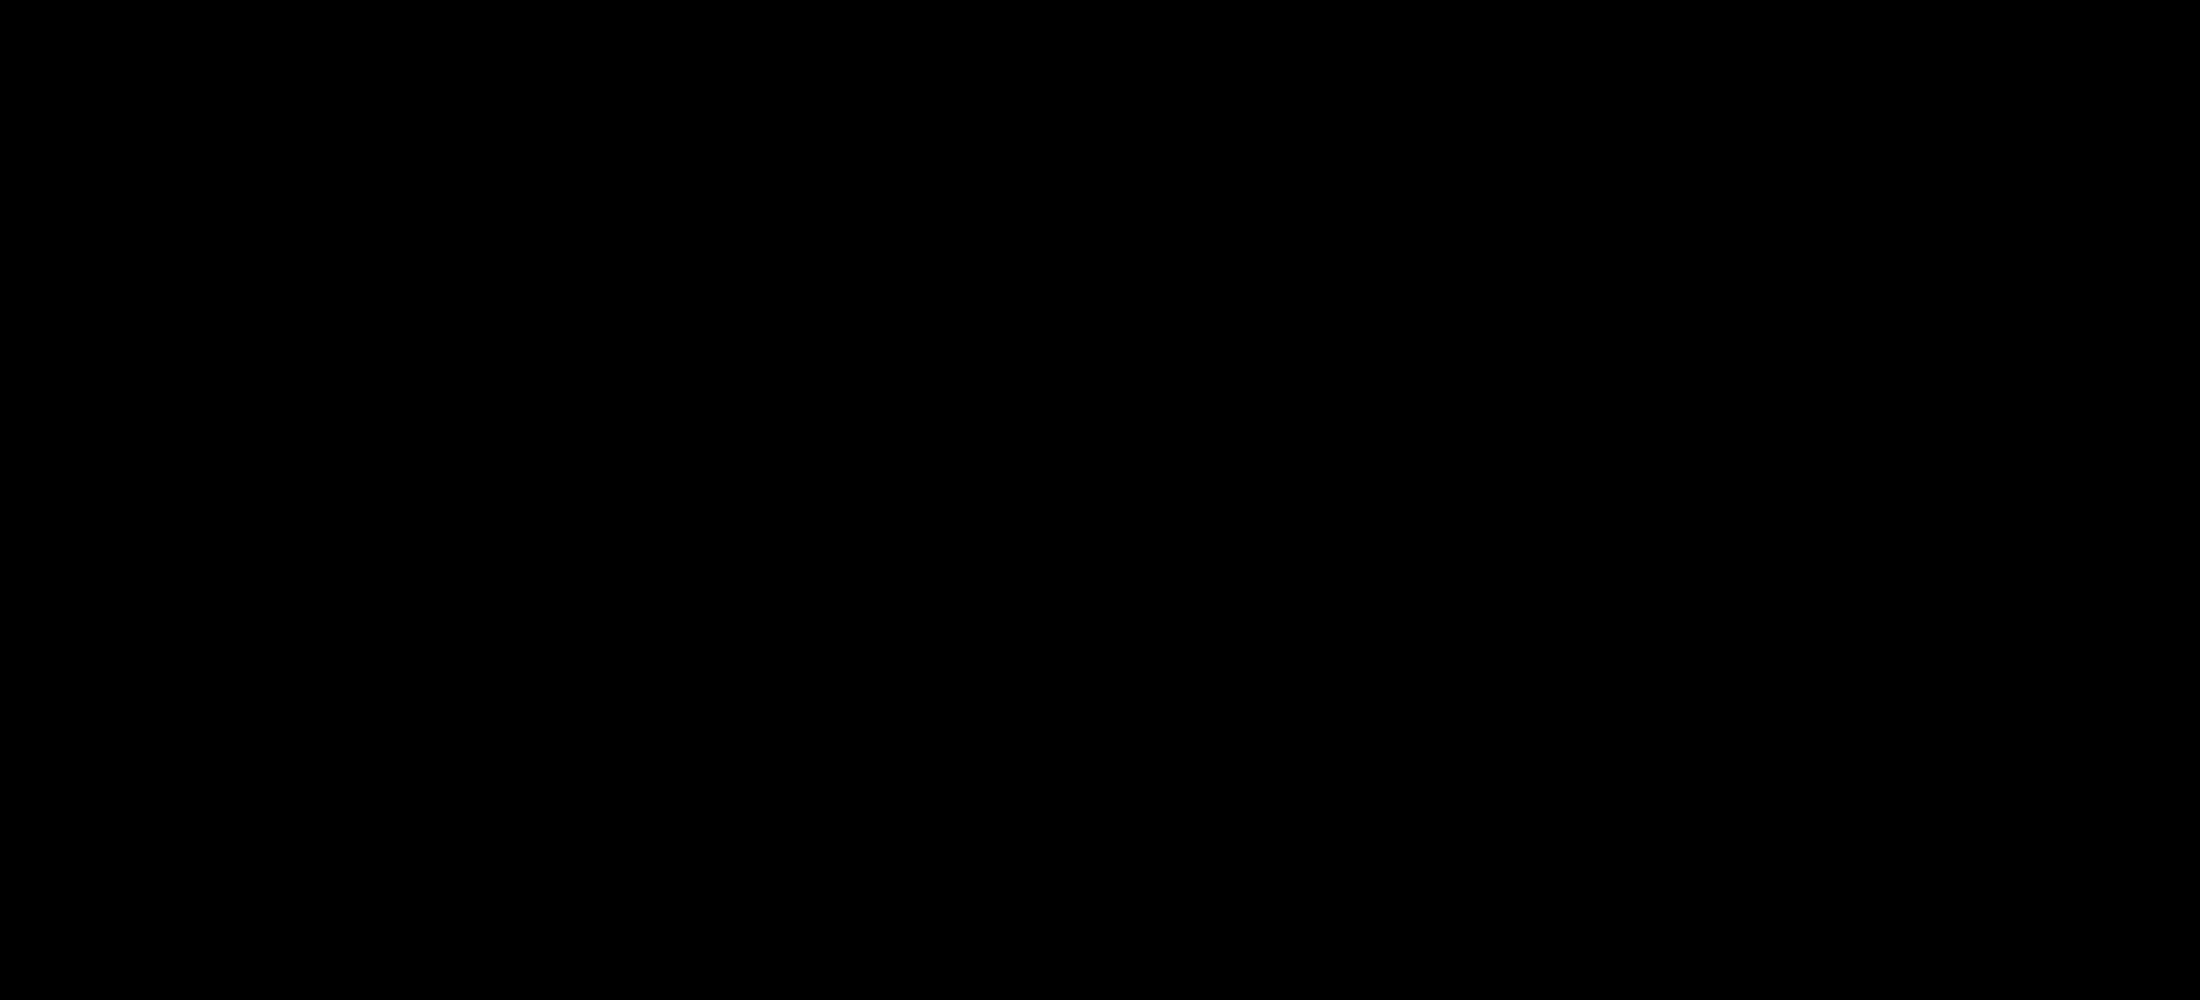 ARMA 3 hat sich mehr als 1 Millionen mal verkauft & Karts DLC 1